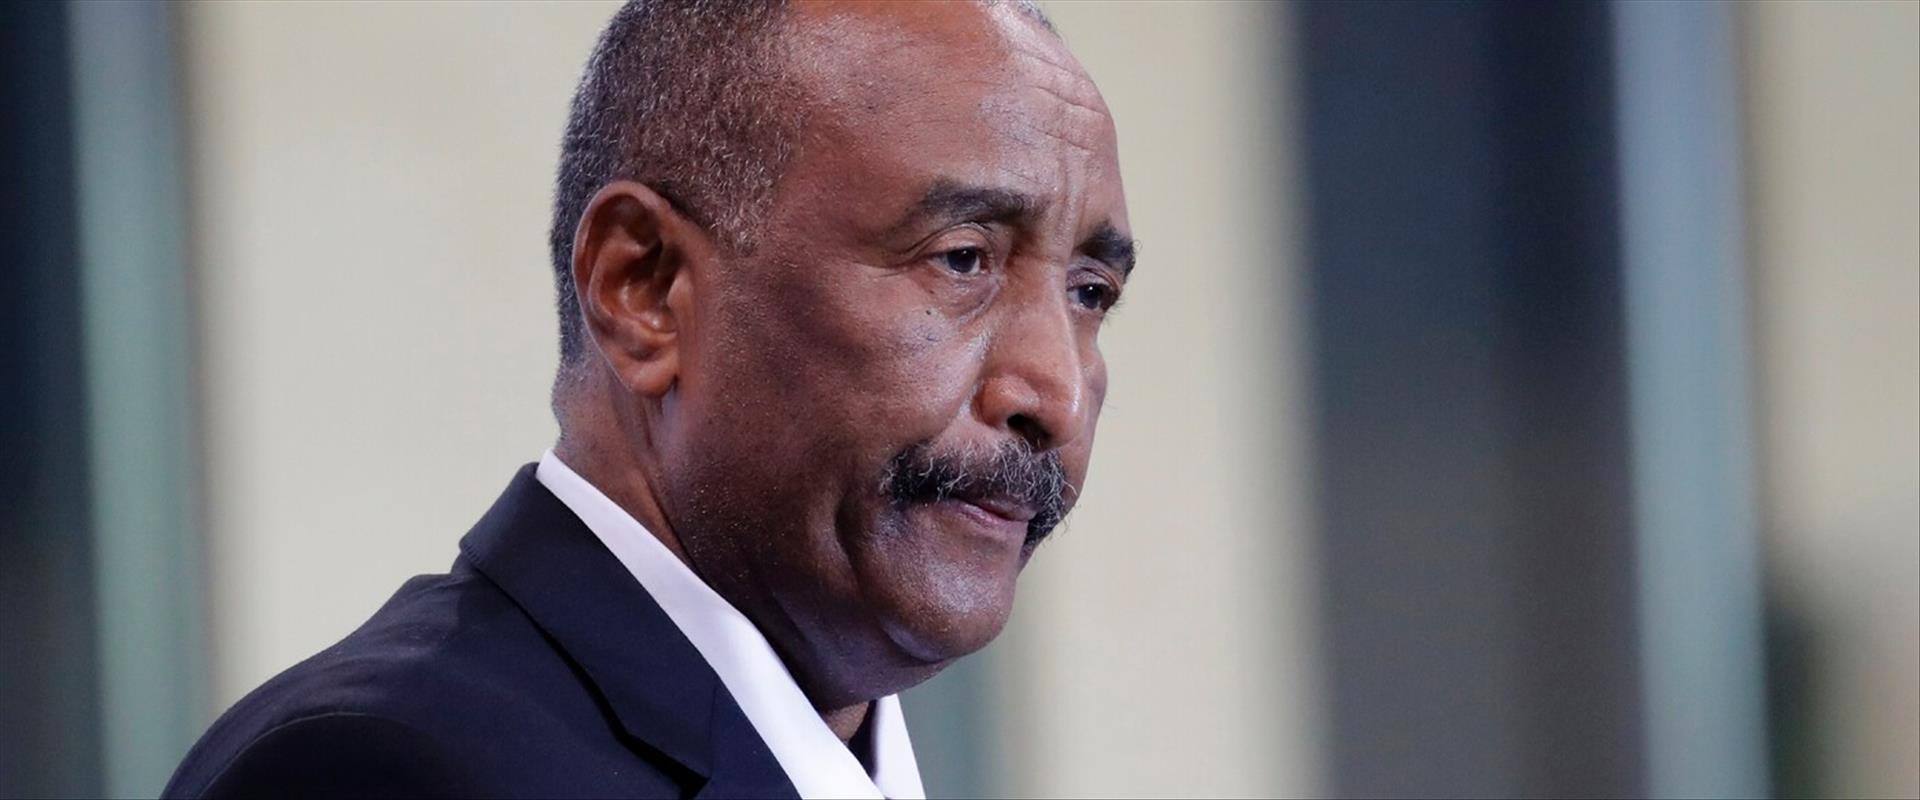 נשיא סודאן אל-בורהאן, בחודש שעבר